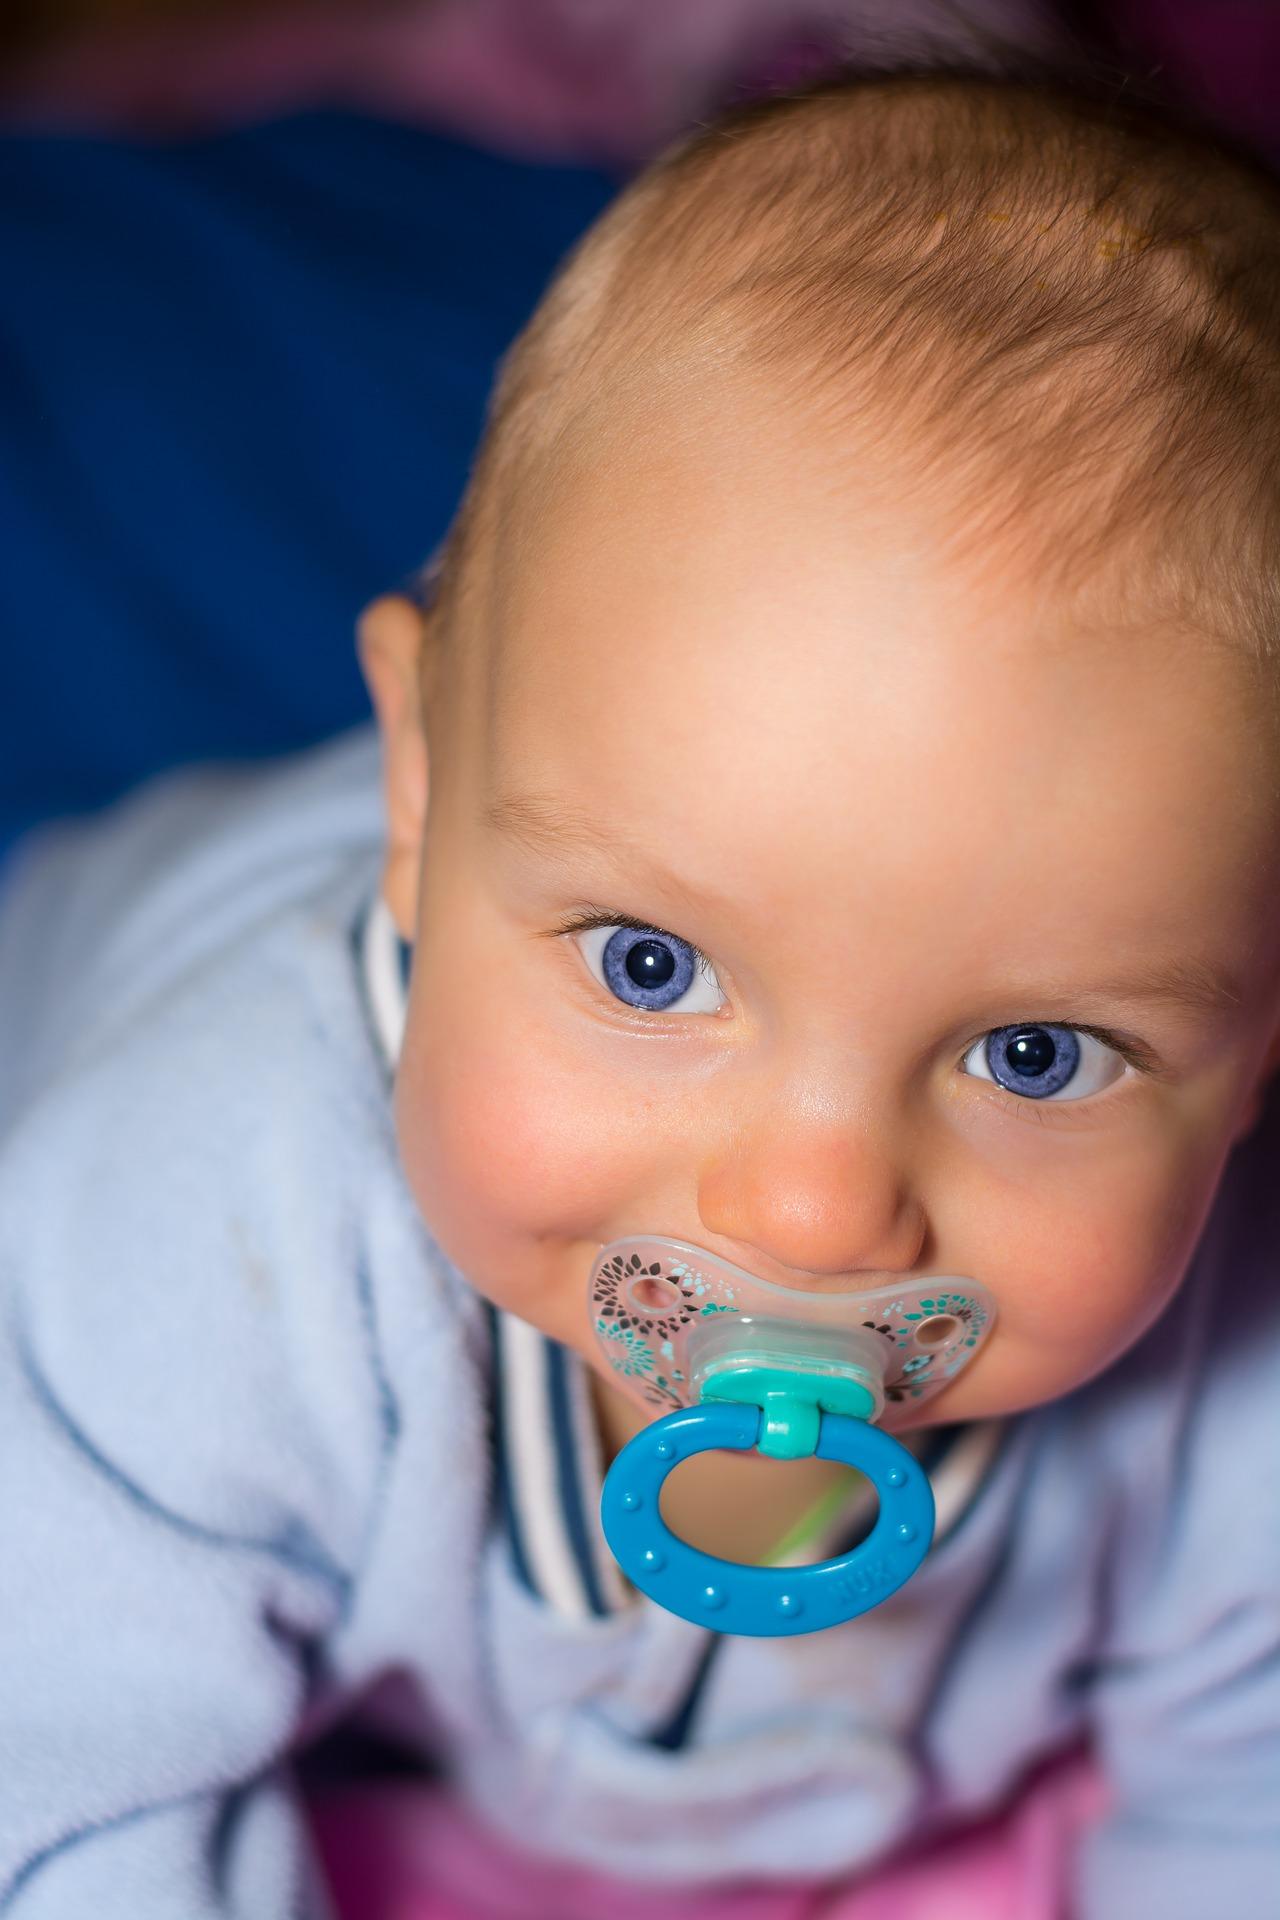 infant-552610_1920